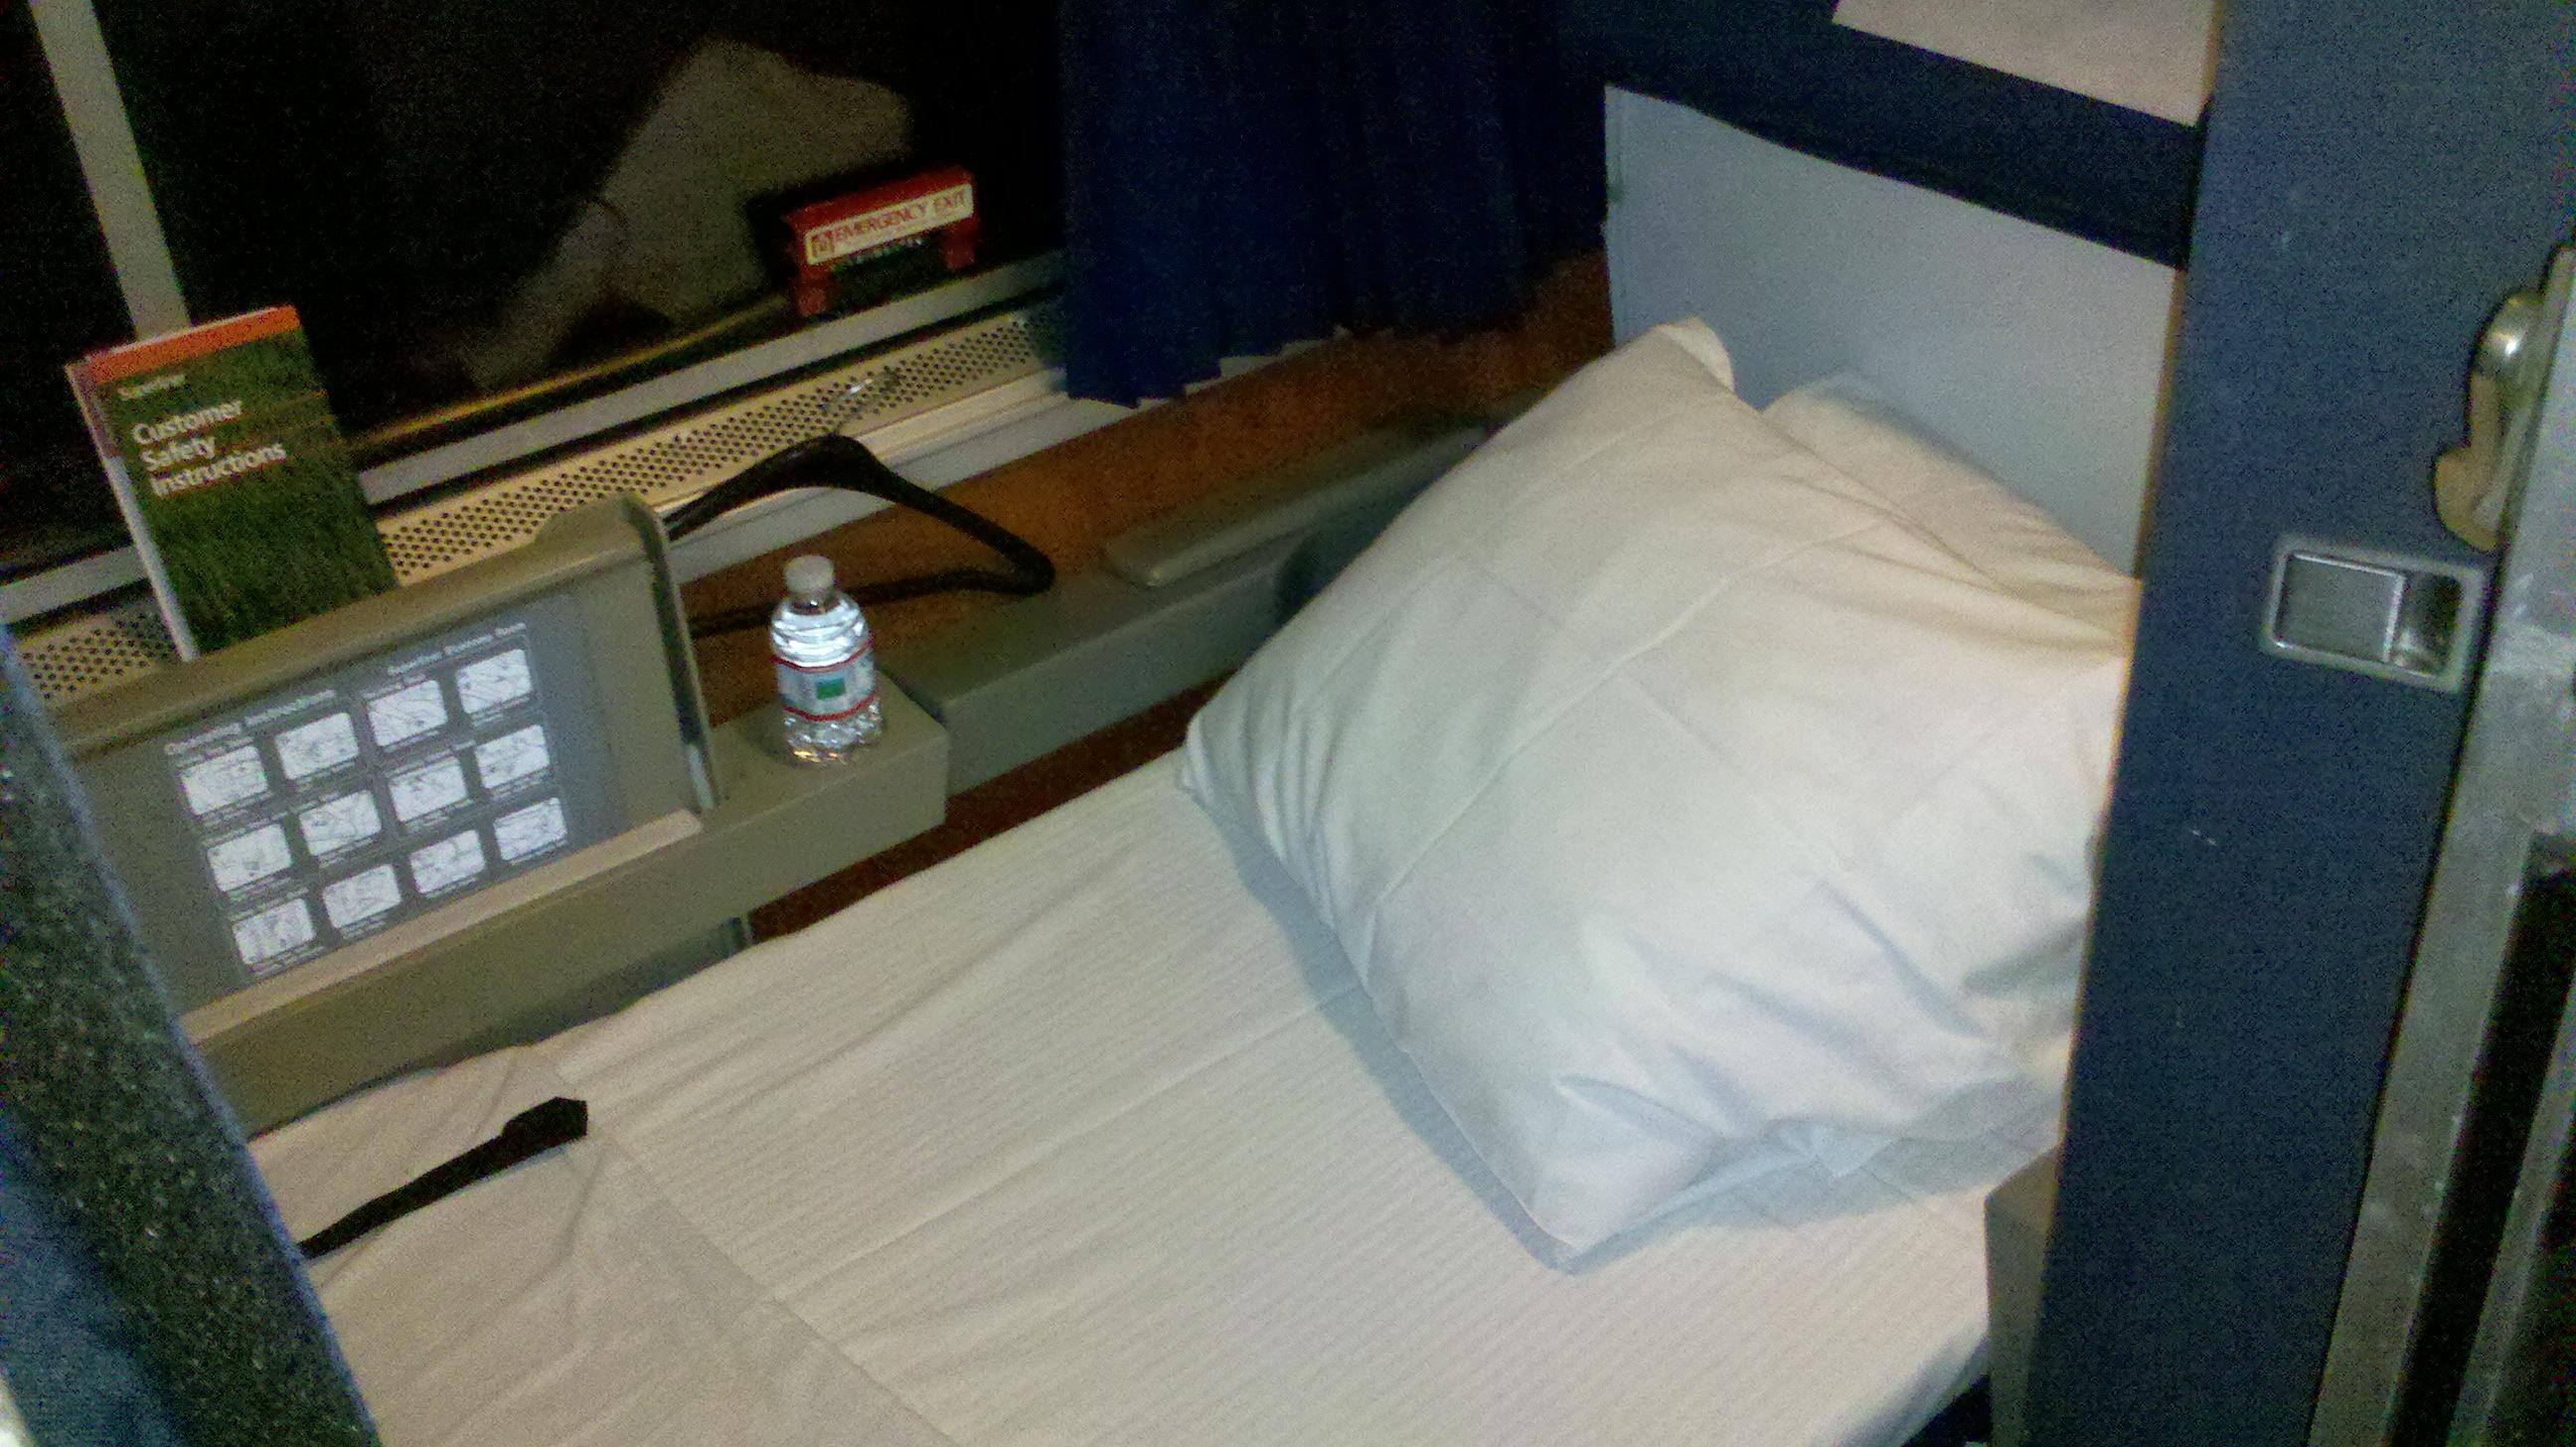 Amtrak roomette train travel sleeper car